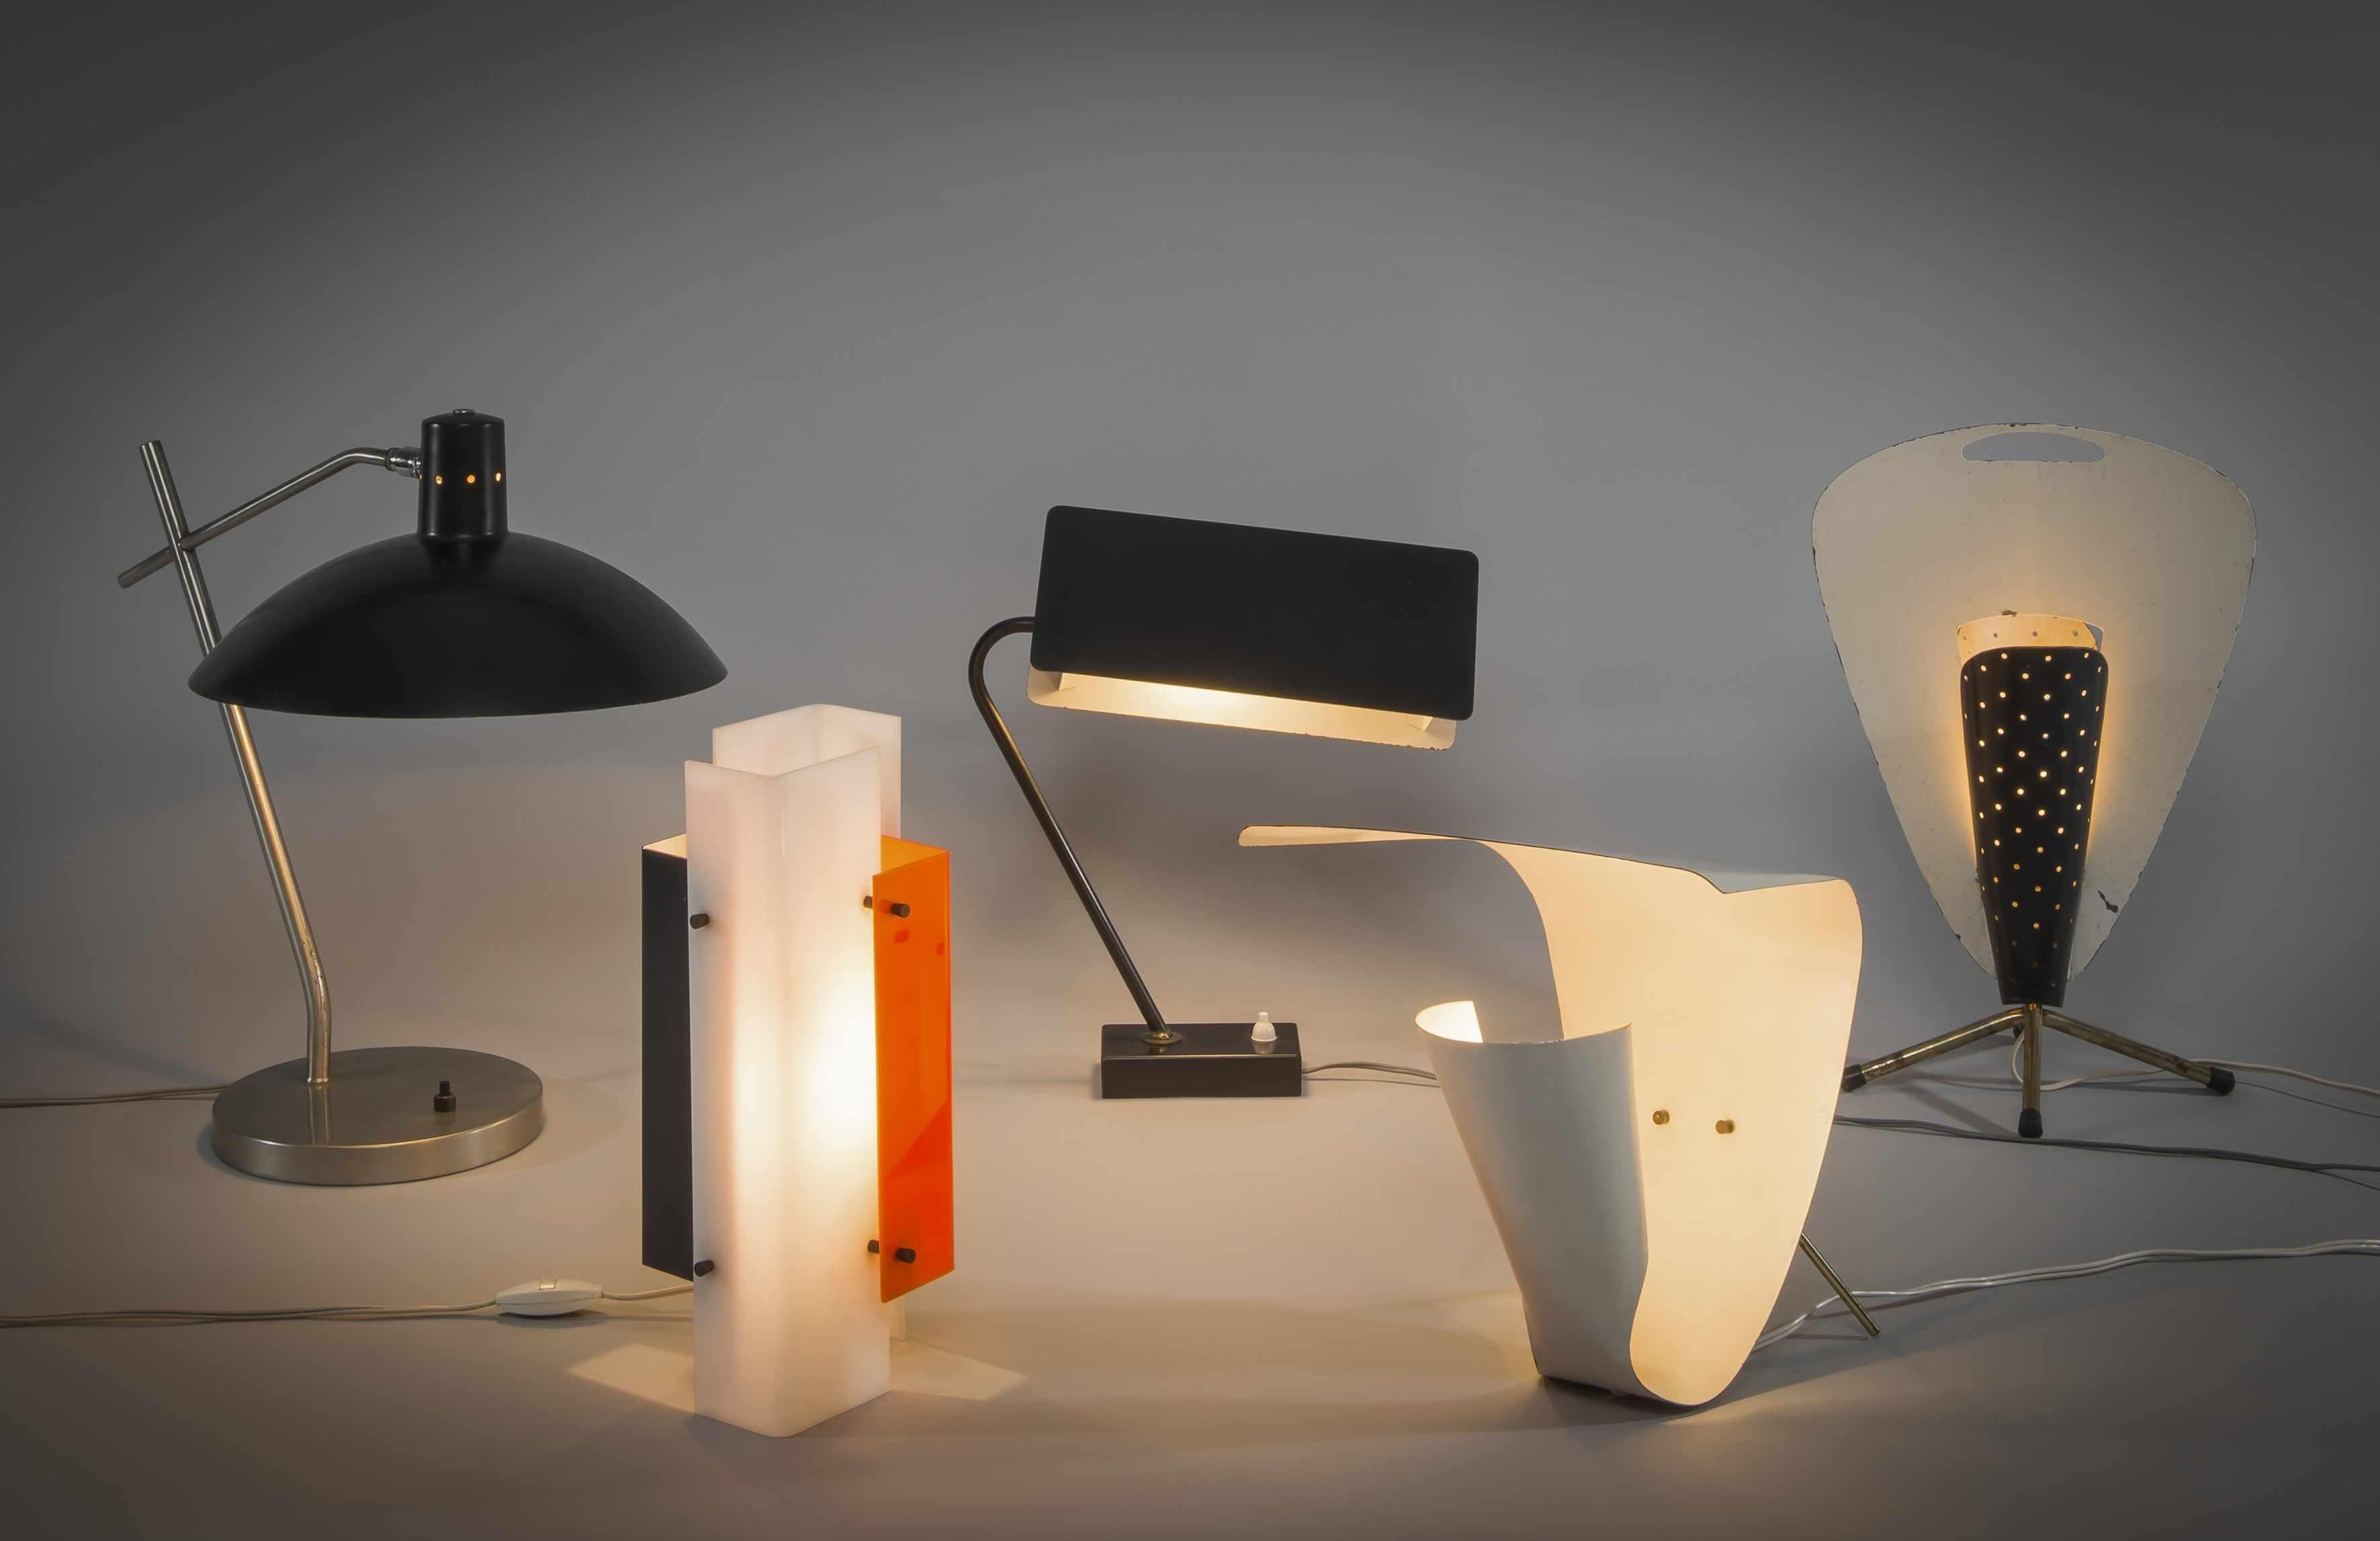 architectural minimaliste le design fran ais des ann es 1950 la galerie pascal cuisinier. Black Bedroom Furniture Sets. Home Design Ideas